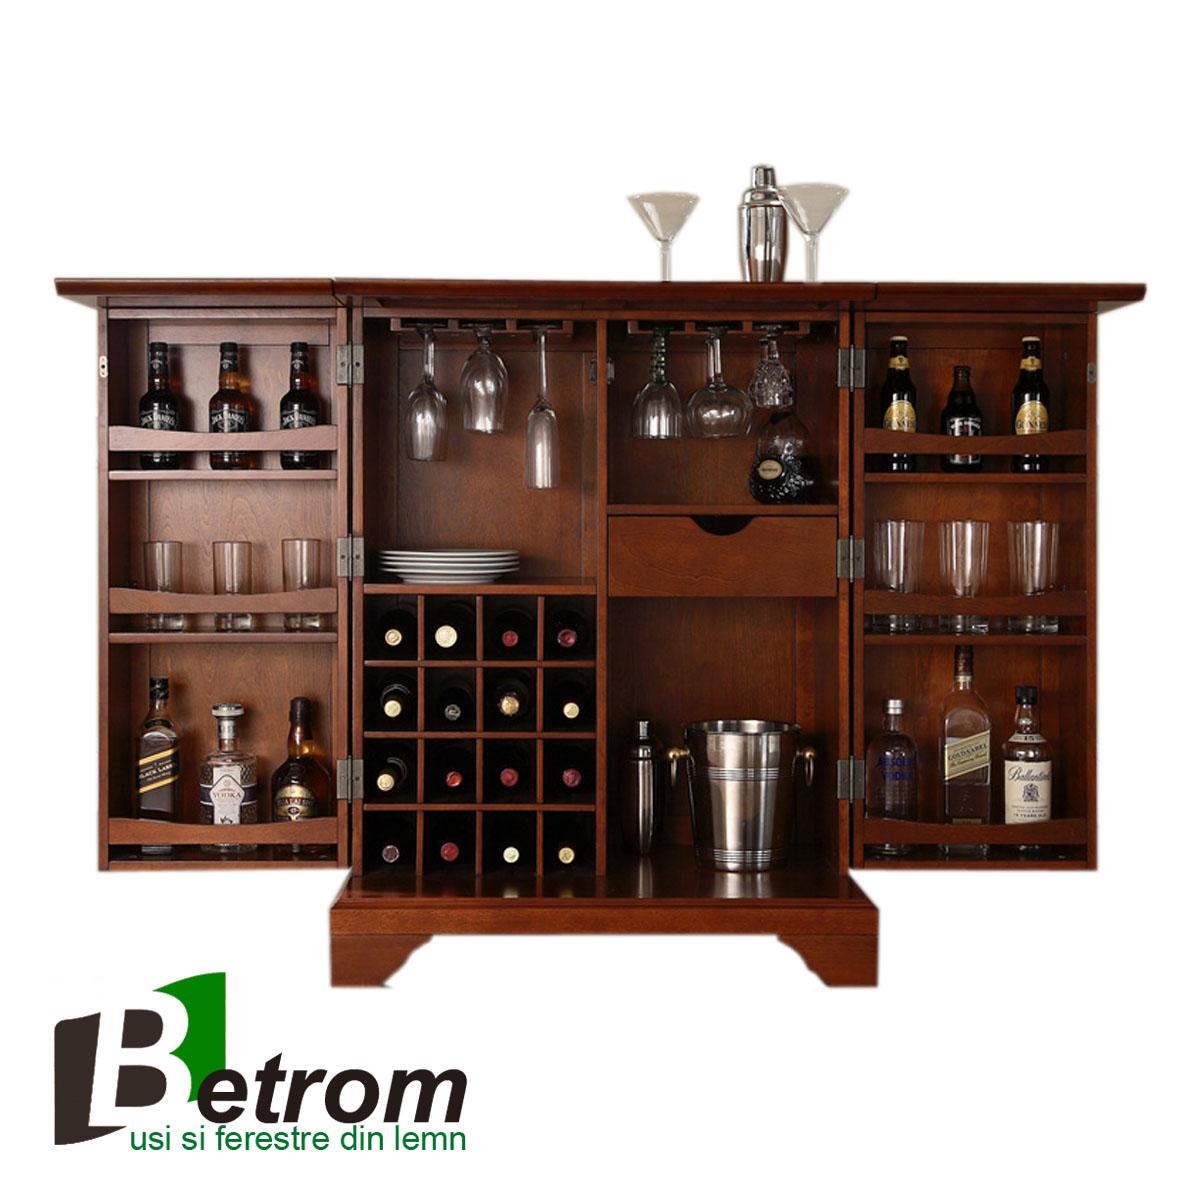 bar ml11 betrom prod. Black Bedroom Furniture Sets. Home Design Ideas